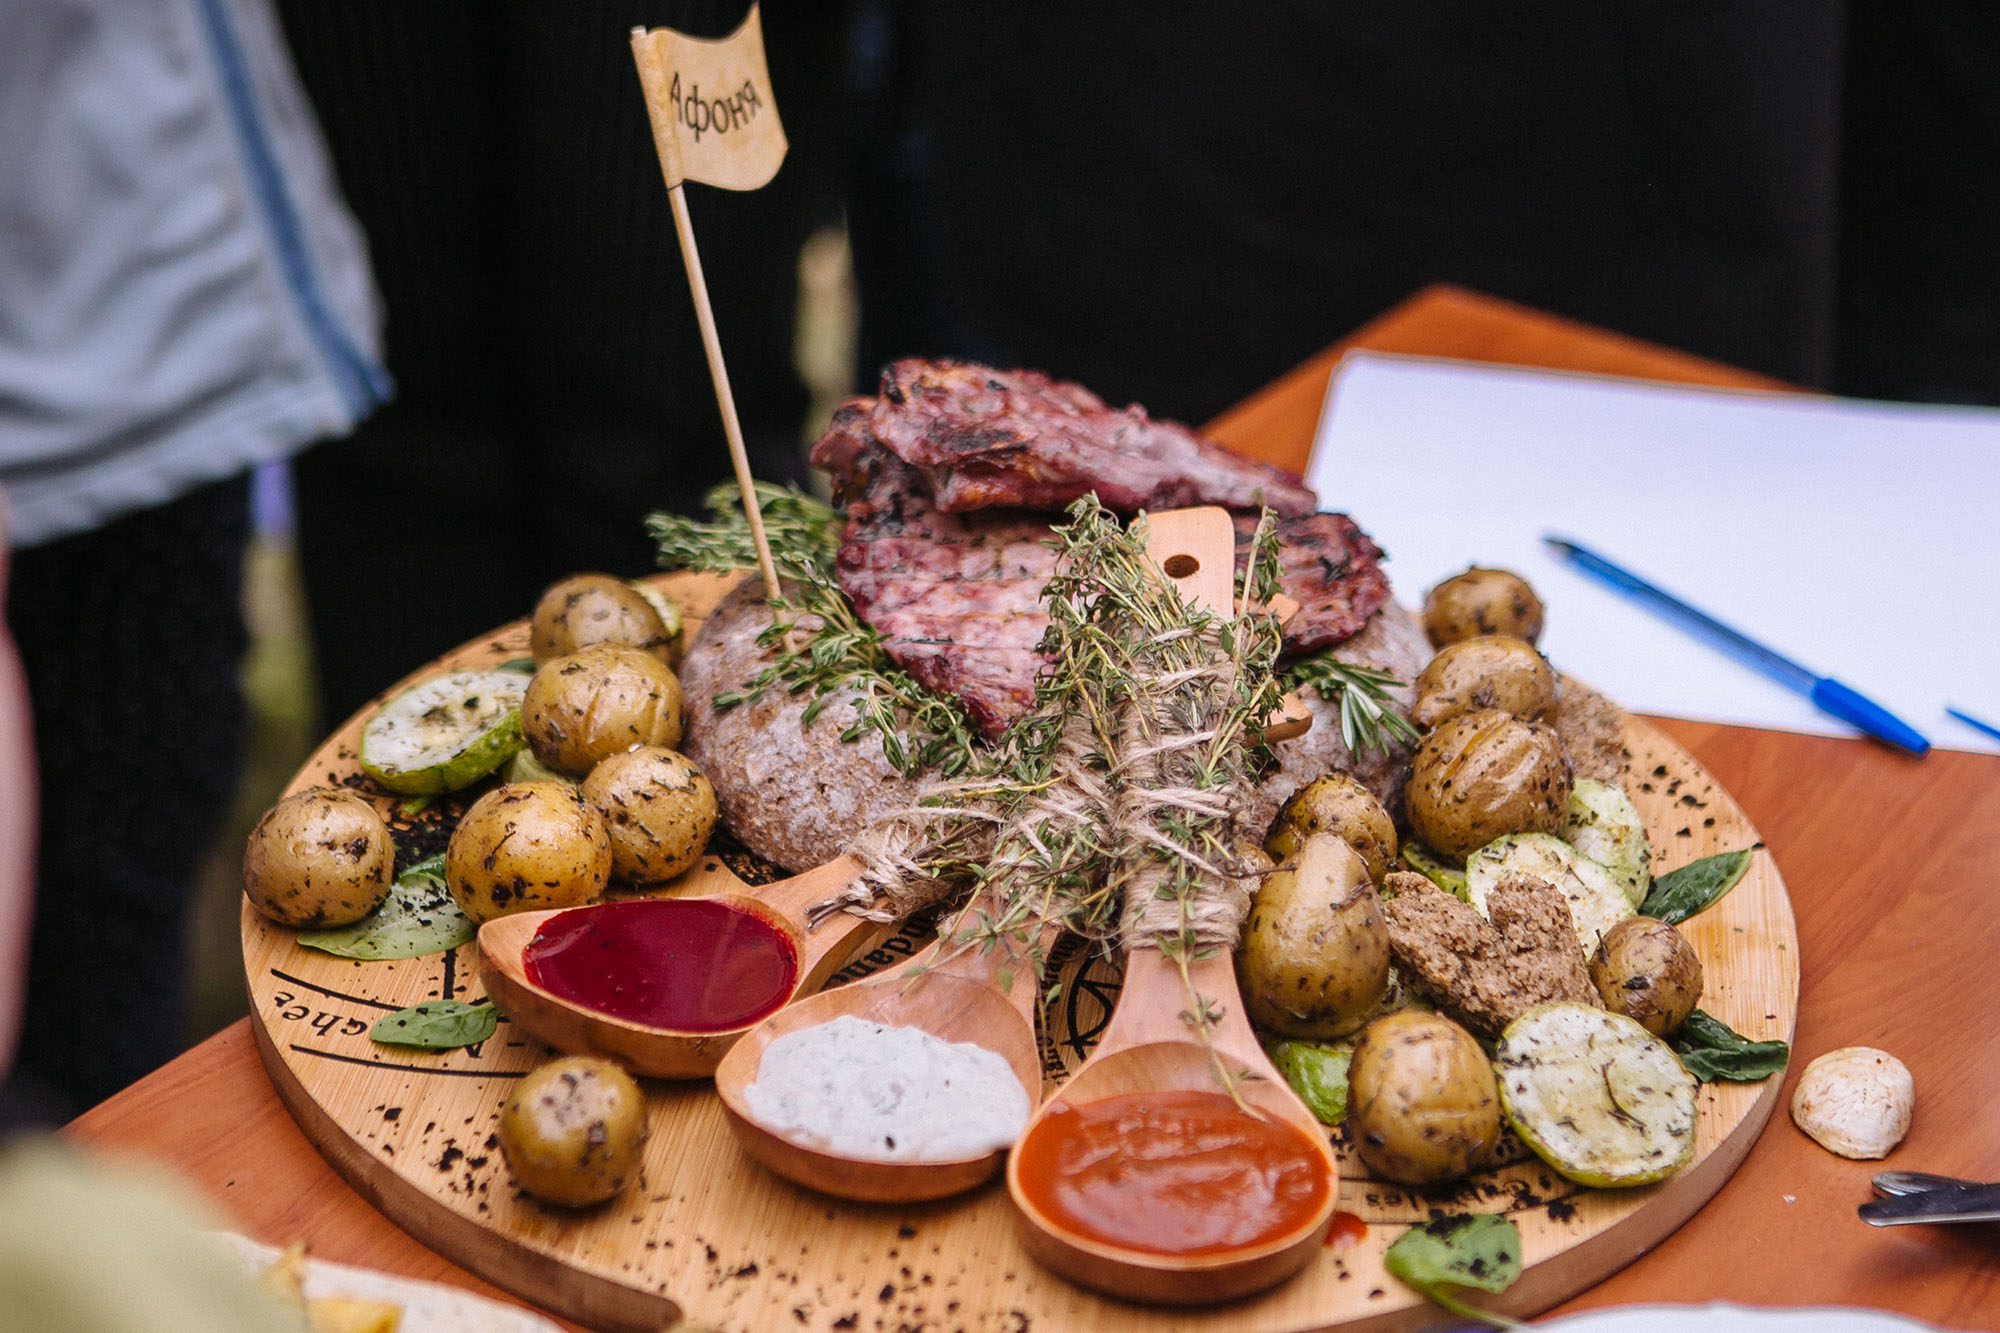 Фестиваль кулинарного искусства «Арзамасский гусь»: подробная программа праздника